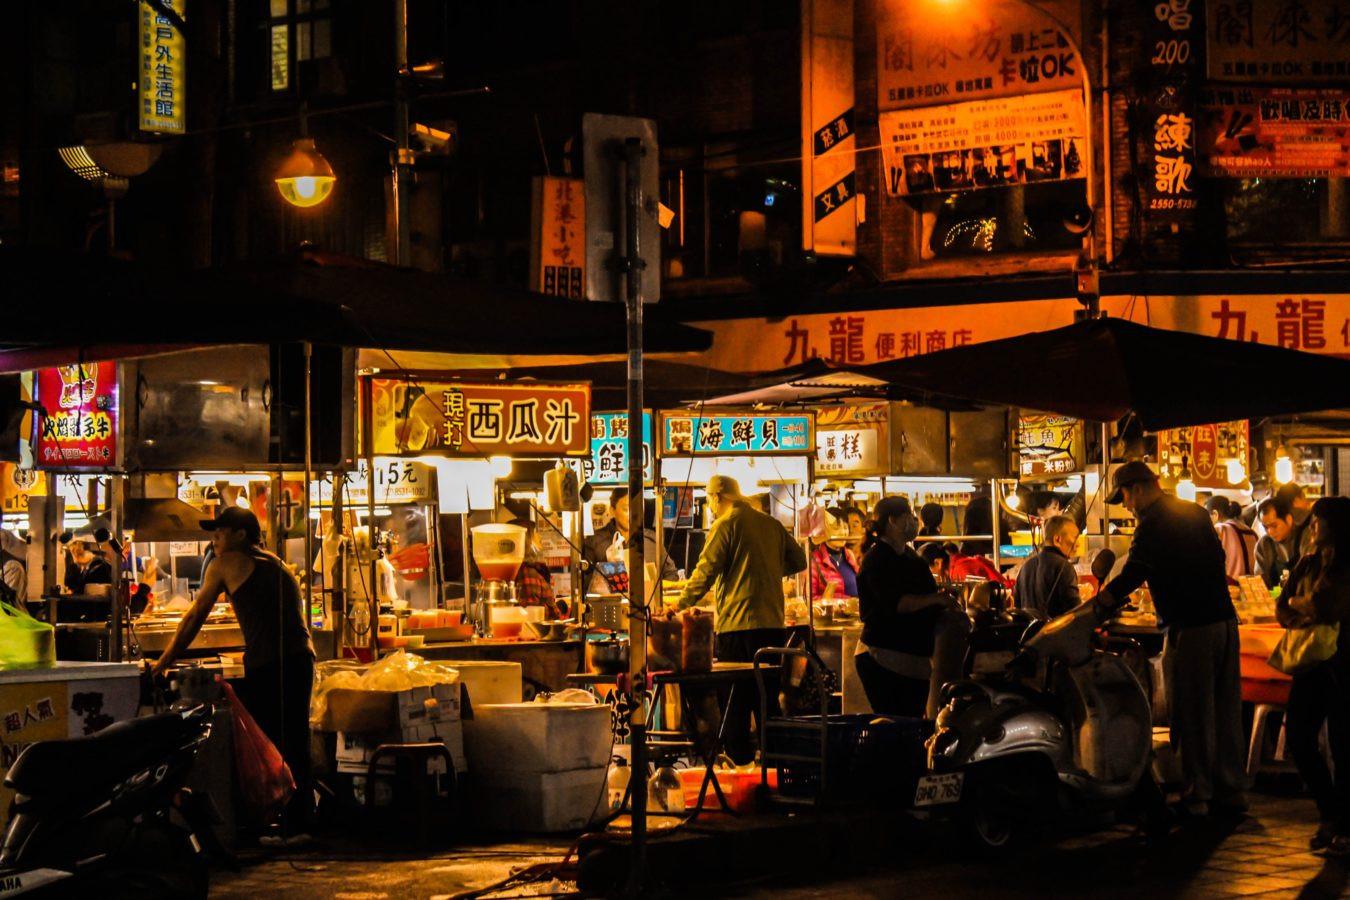 Chợ đêm Phụng Giáp – khu chợ nổi tiếng nhất Đài Loan - ảnh 4